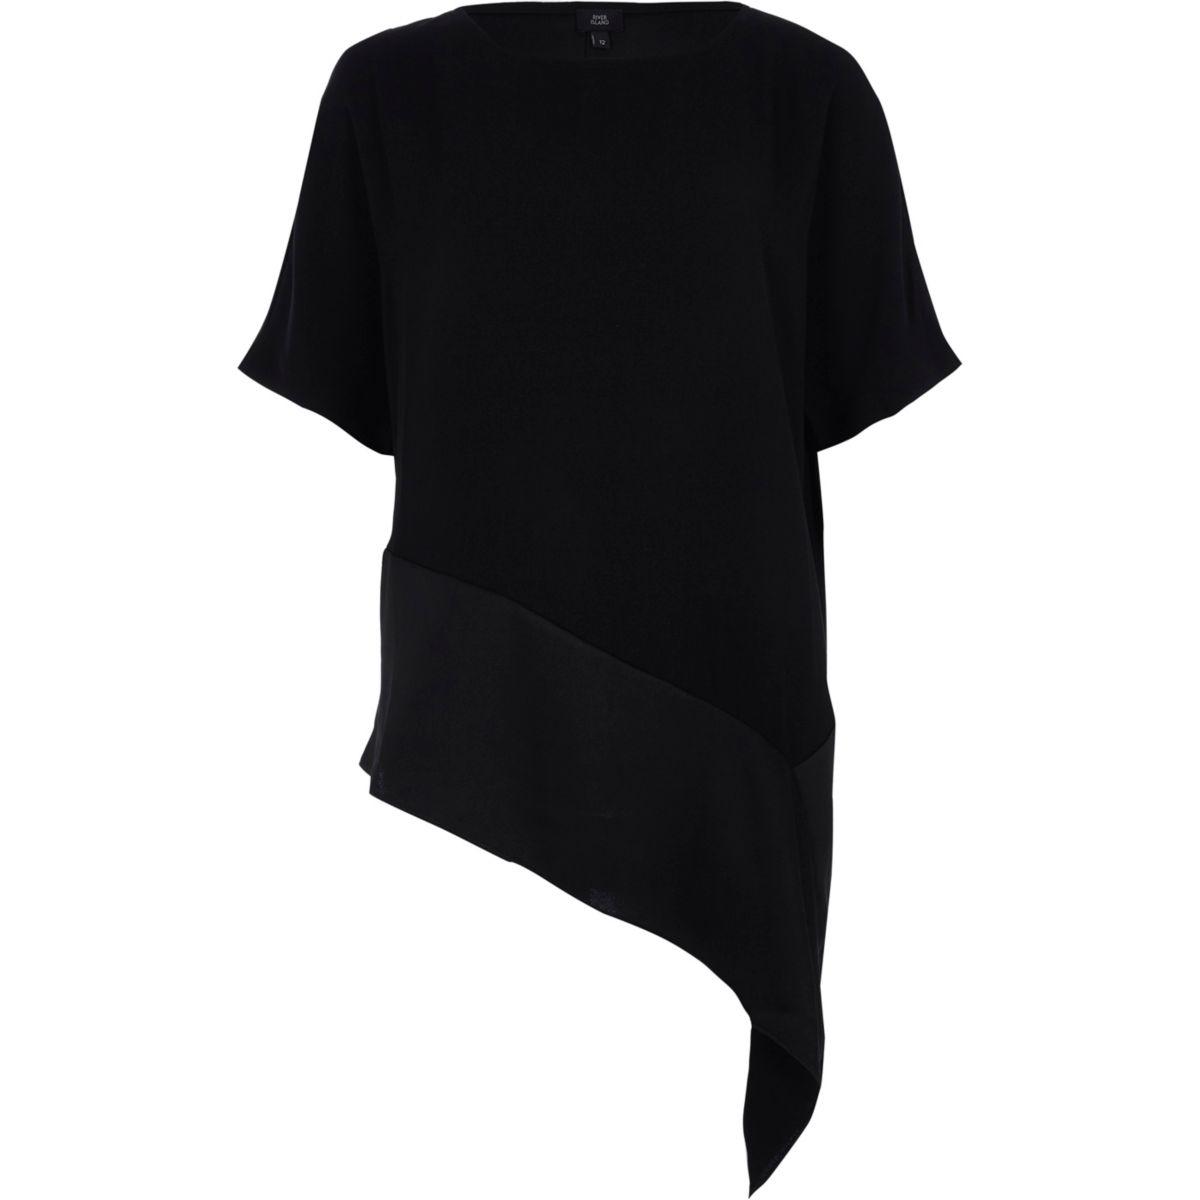 Schwarzes T-Shirt mit asymmetrischem Saum